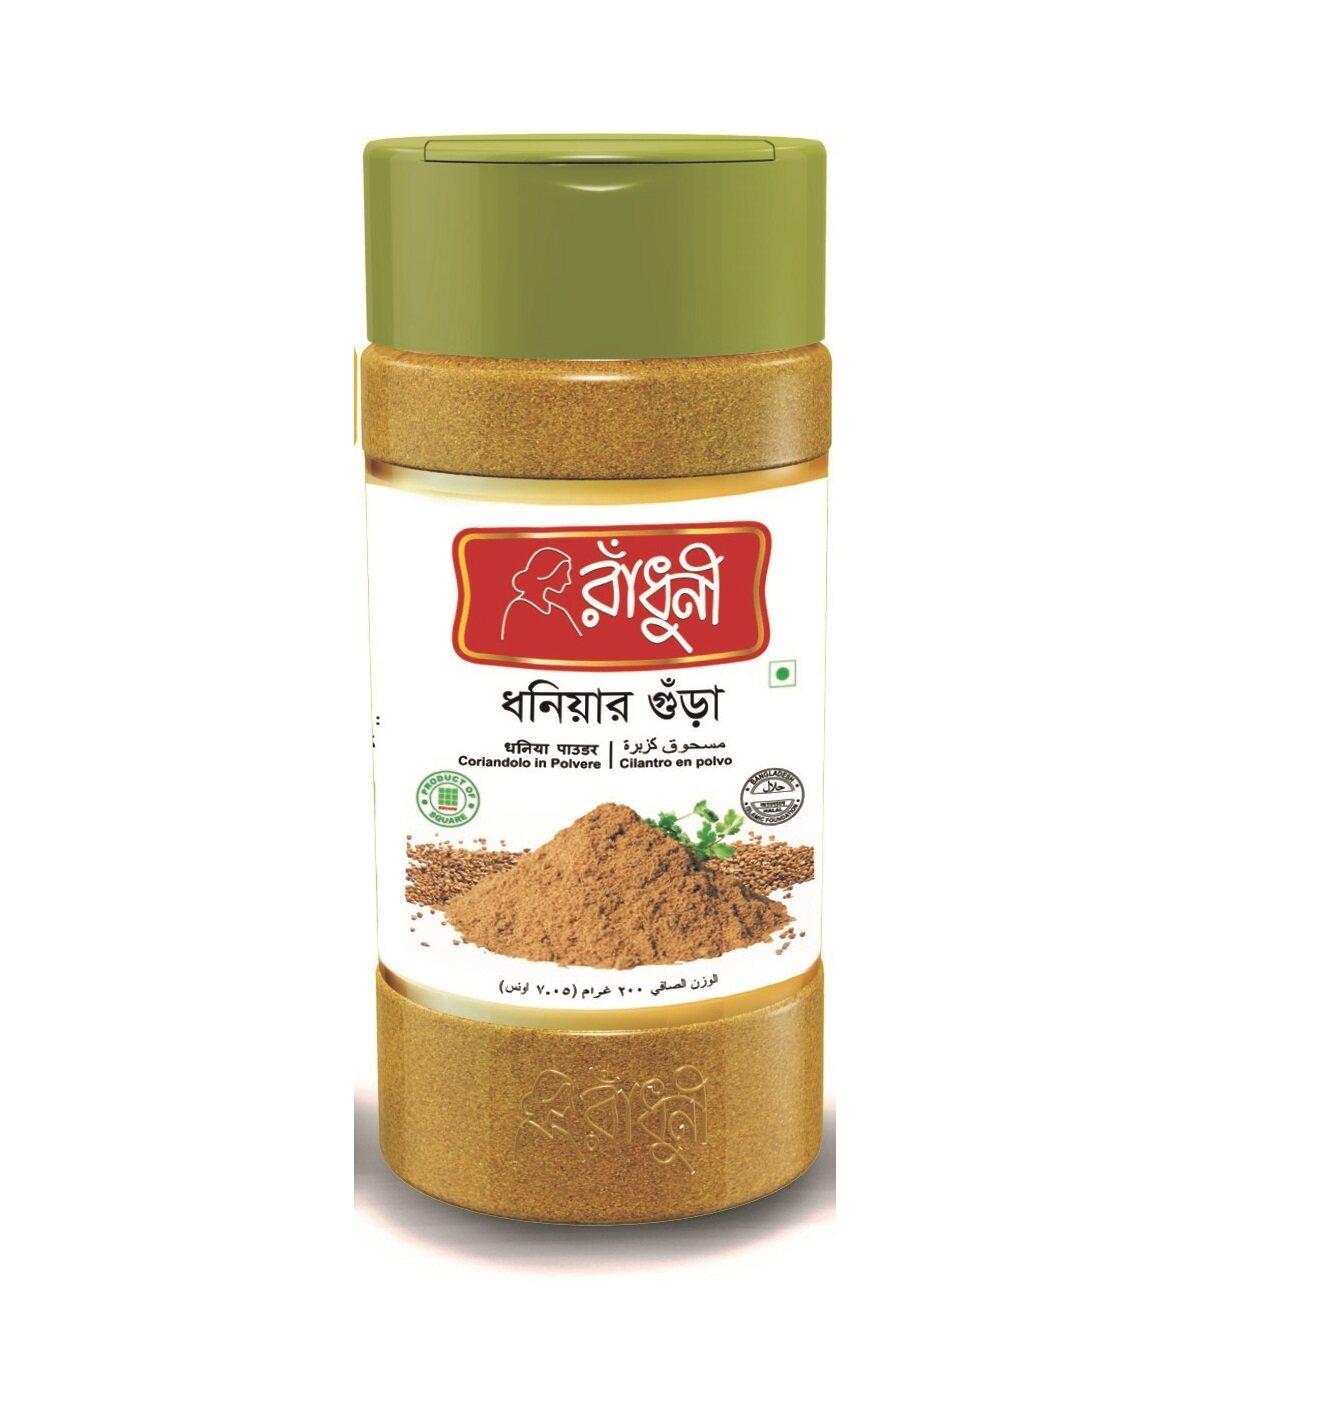 Radhuni Coriander Powder 200 gm JAR